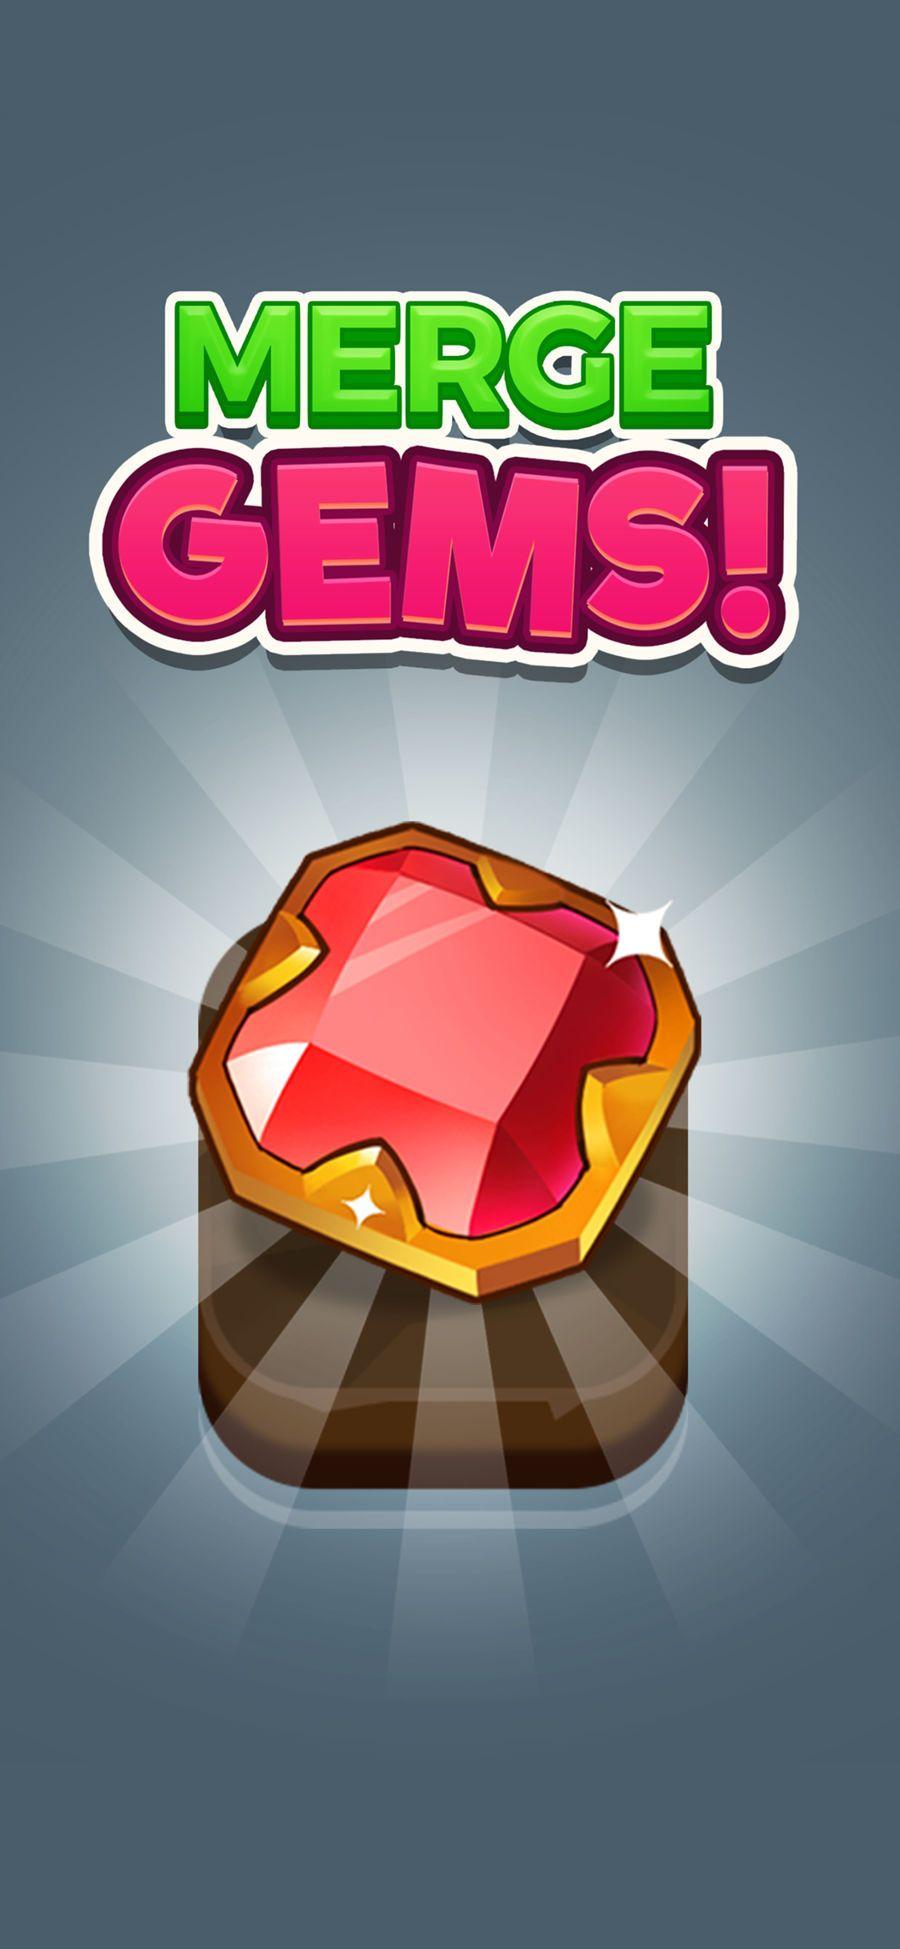 Merge gems puzzlesimulationappsios gems ios apps